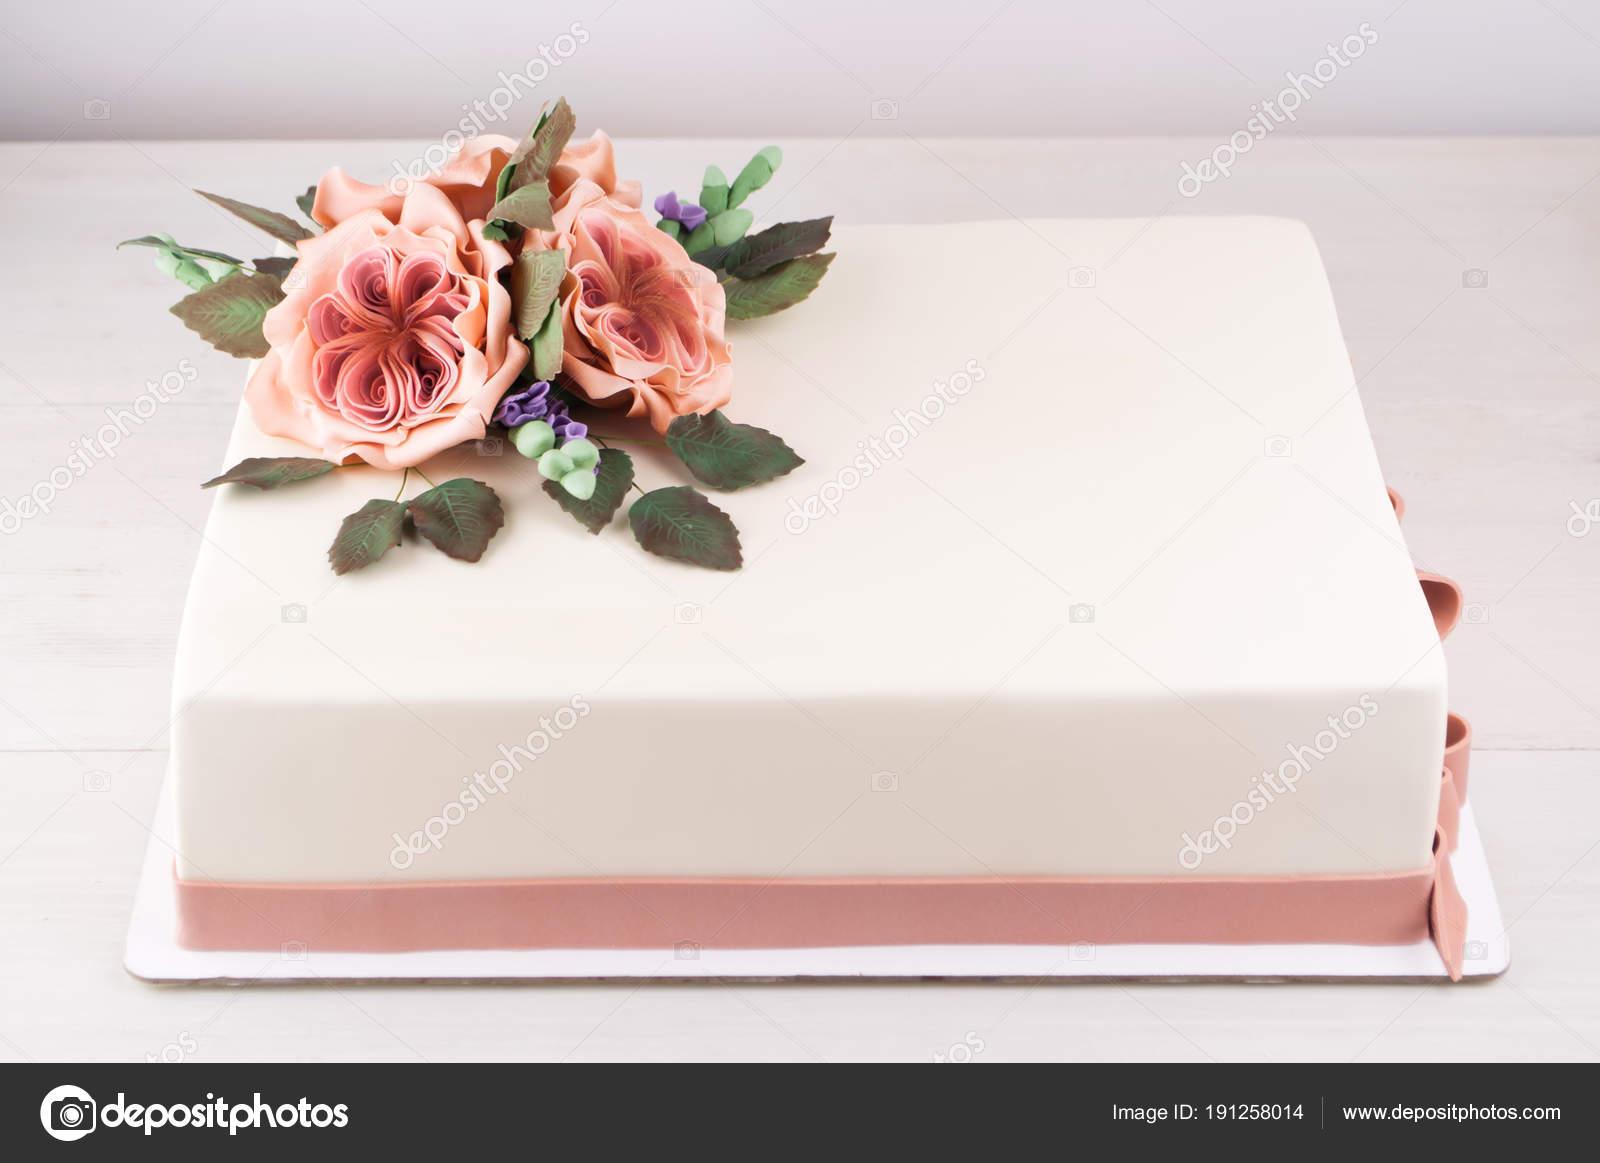 Arte rettangolare torta decorata con fiori rosa e foglie verdi da mastice  su una tavola di legno bianca. Foto per un menu o un catalogo di prodotti  dolciari